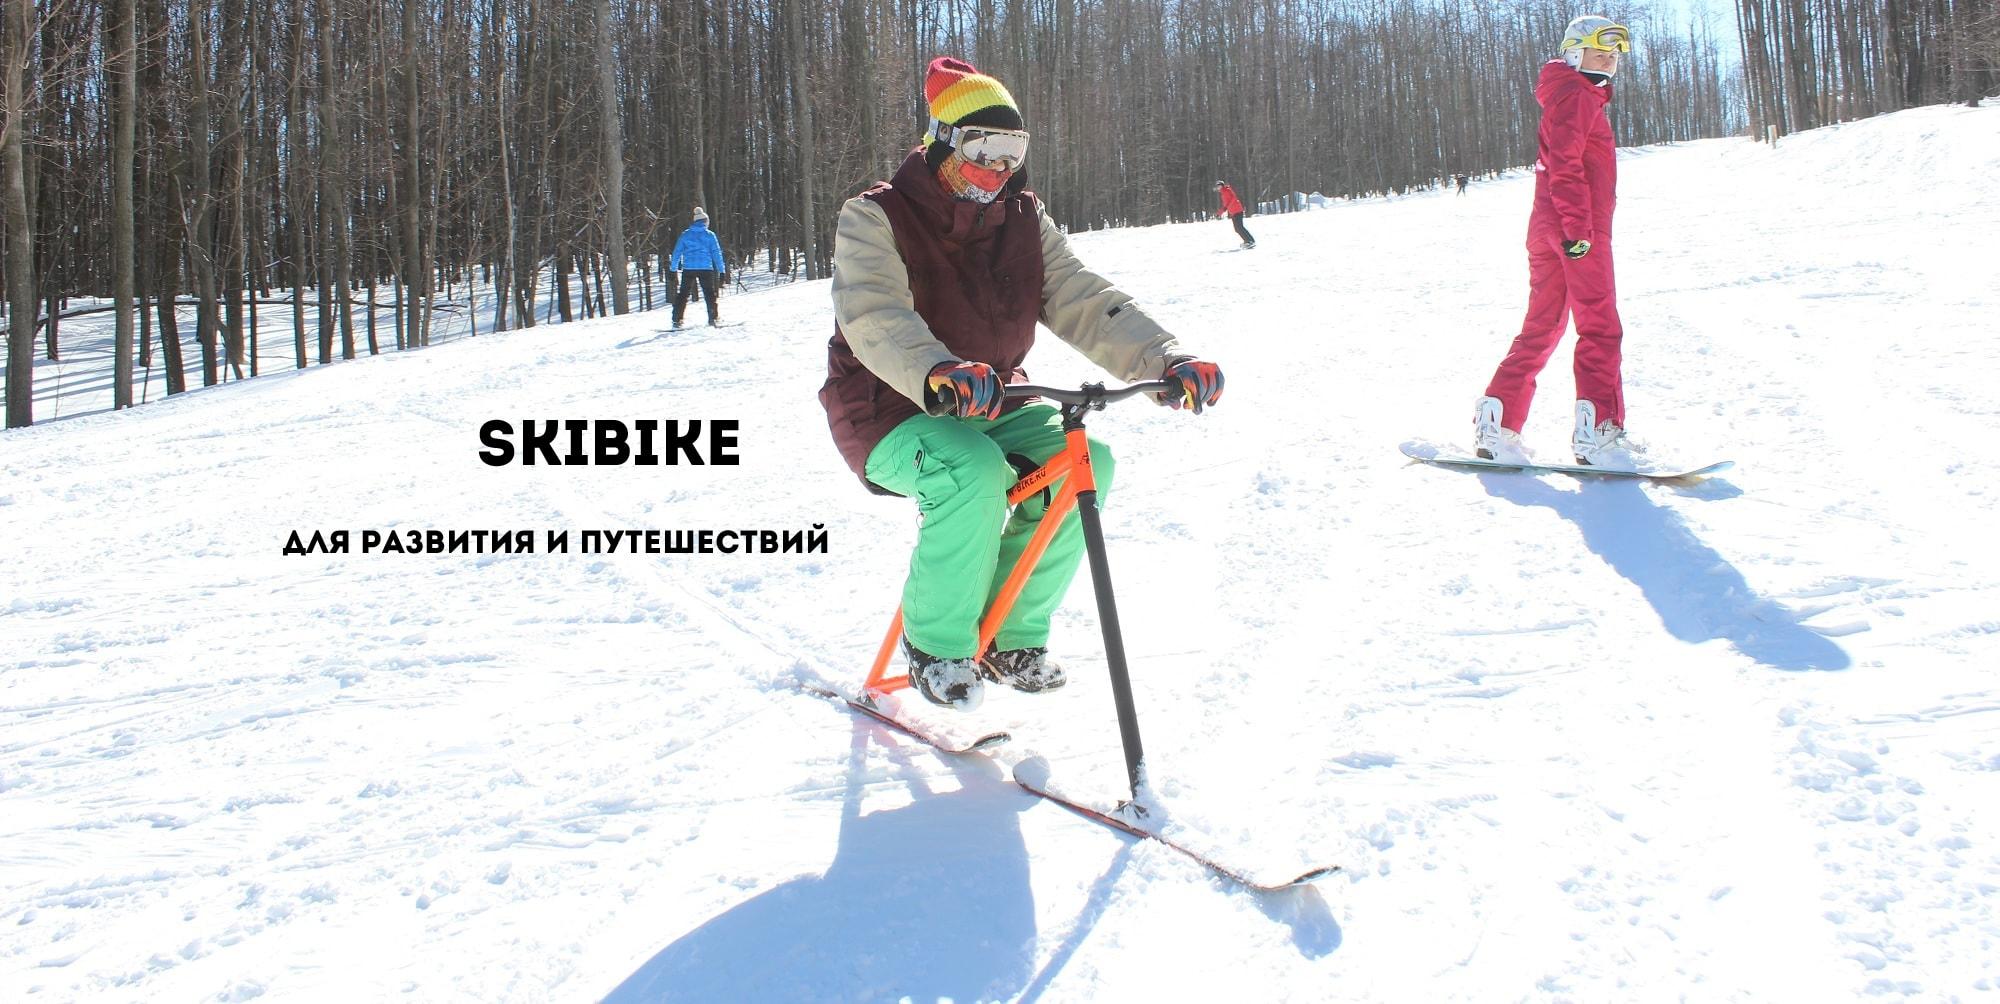 Skibike_1-min